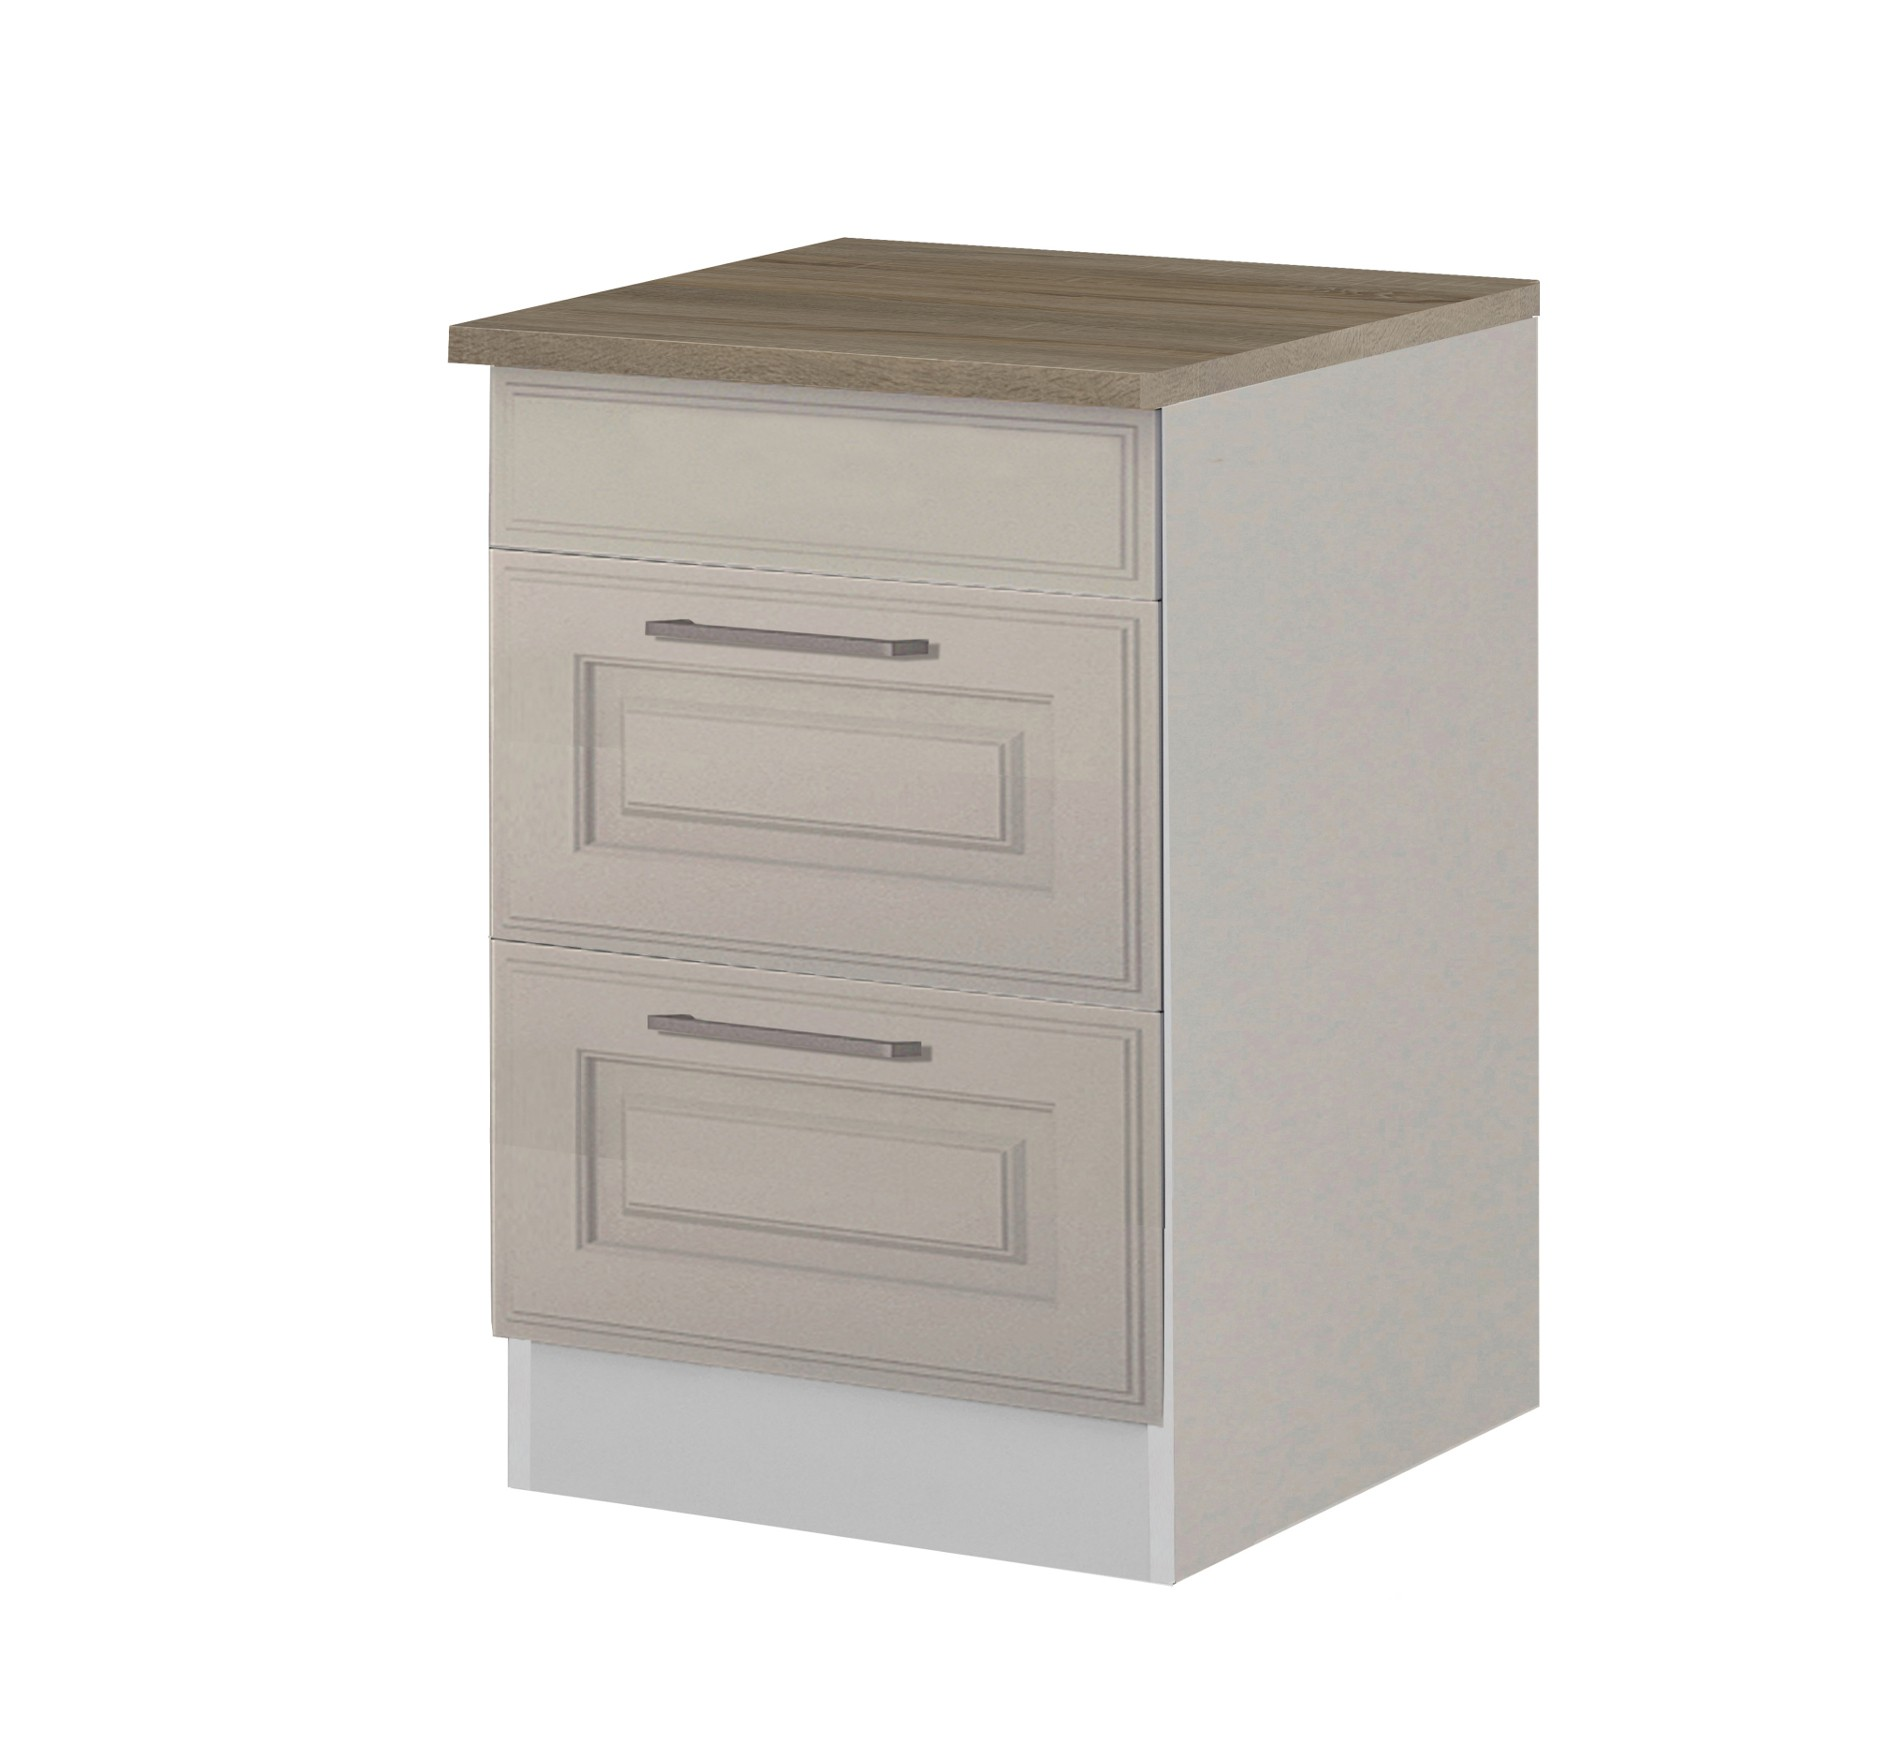 k chen unterschrank k ln 2 ausz ge 60 cm breit wei k che k chen unterschr nke. Black Bedroom Furniture Sets. Home Design Ideas